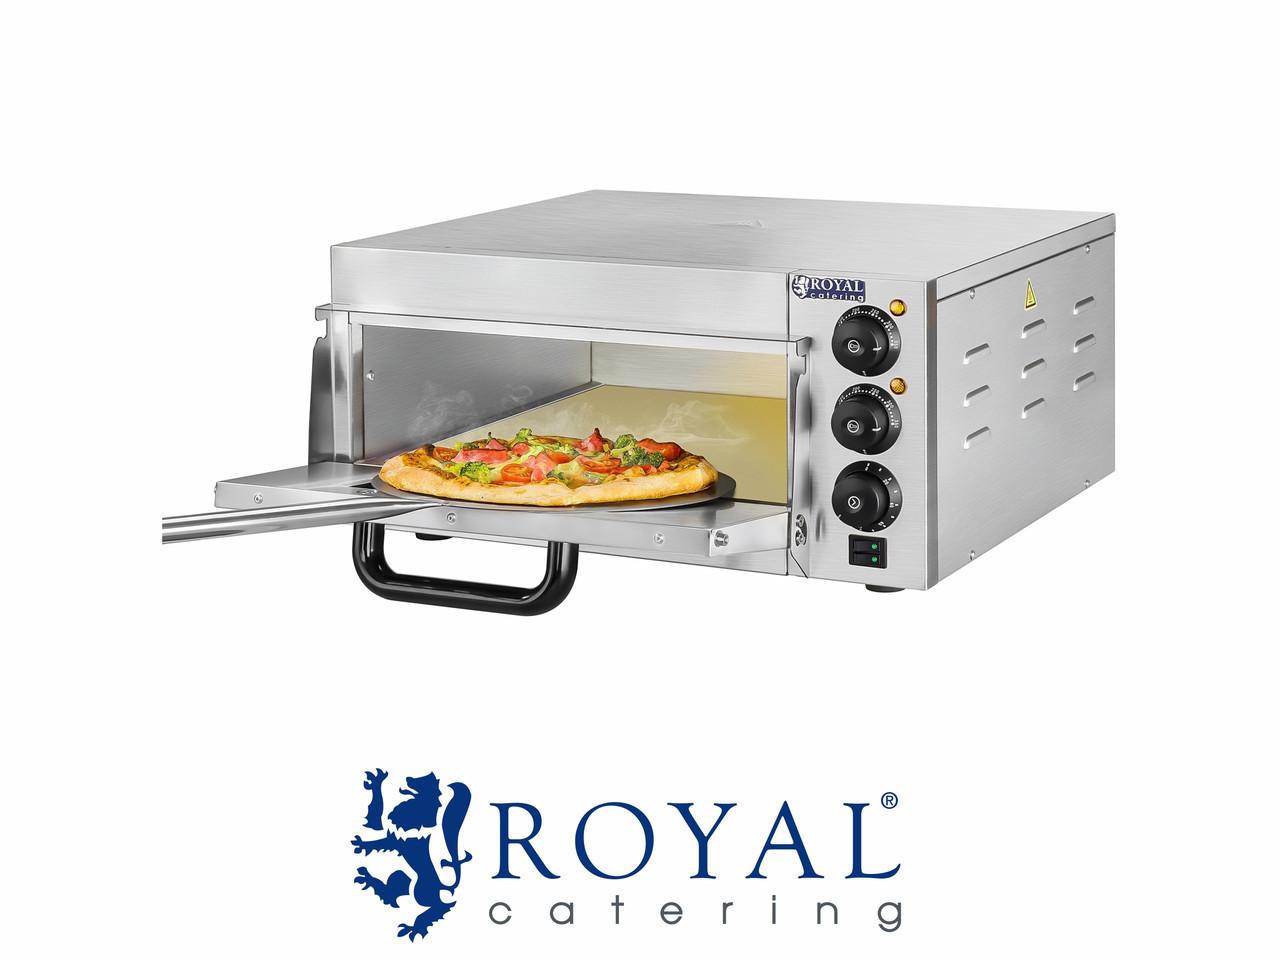 Печь для пиццы ROYAL, фото 1